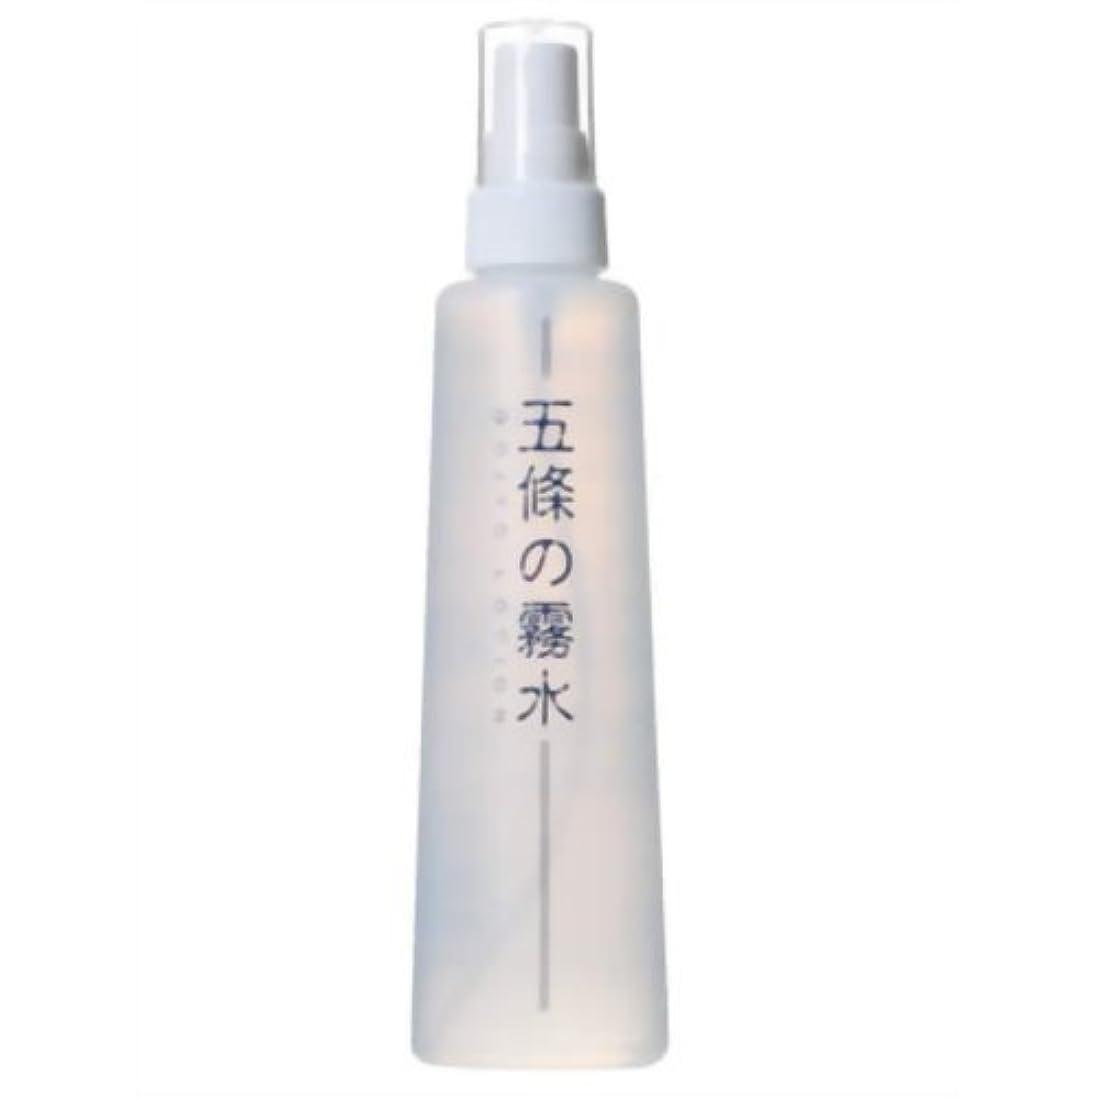 フィットネス内訳地下鉄五條の霧水ベーシック(200ml)